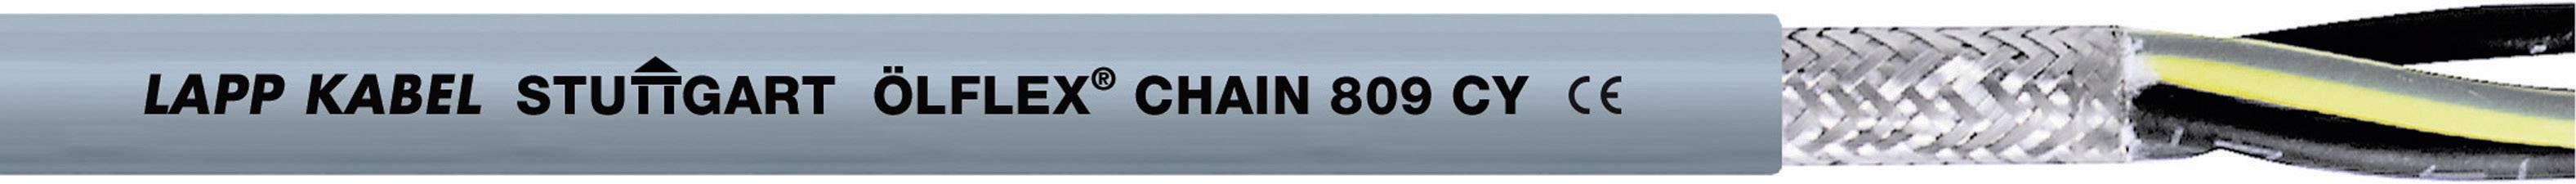 Žíla kabelu LappKabel ÖLFLEX CHAIN 809 CY 3G1,0 (1026768), 3x 1 mm², PVC, Ø 6,9 mm, stíněný, 50 m, šedá